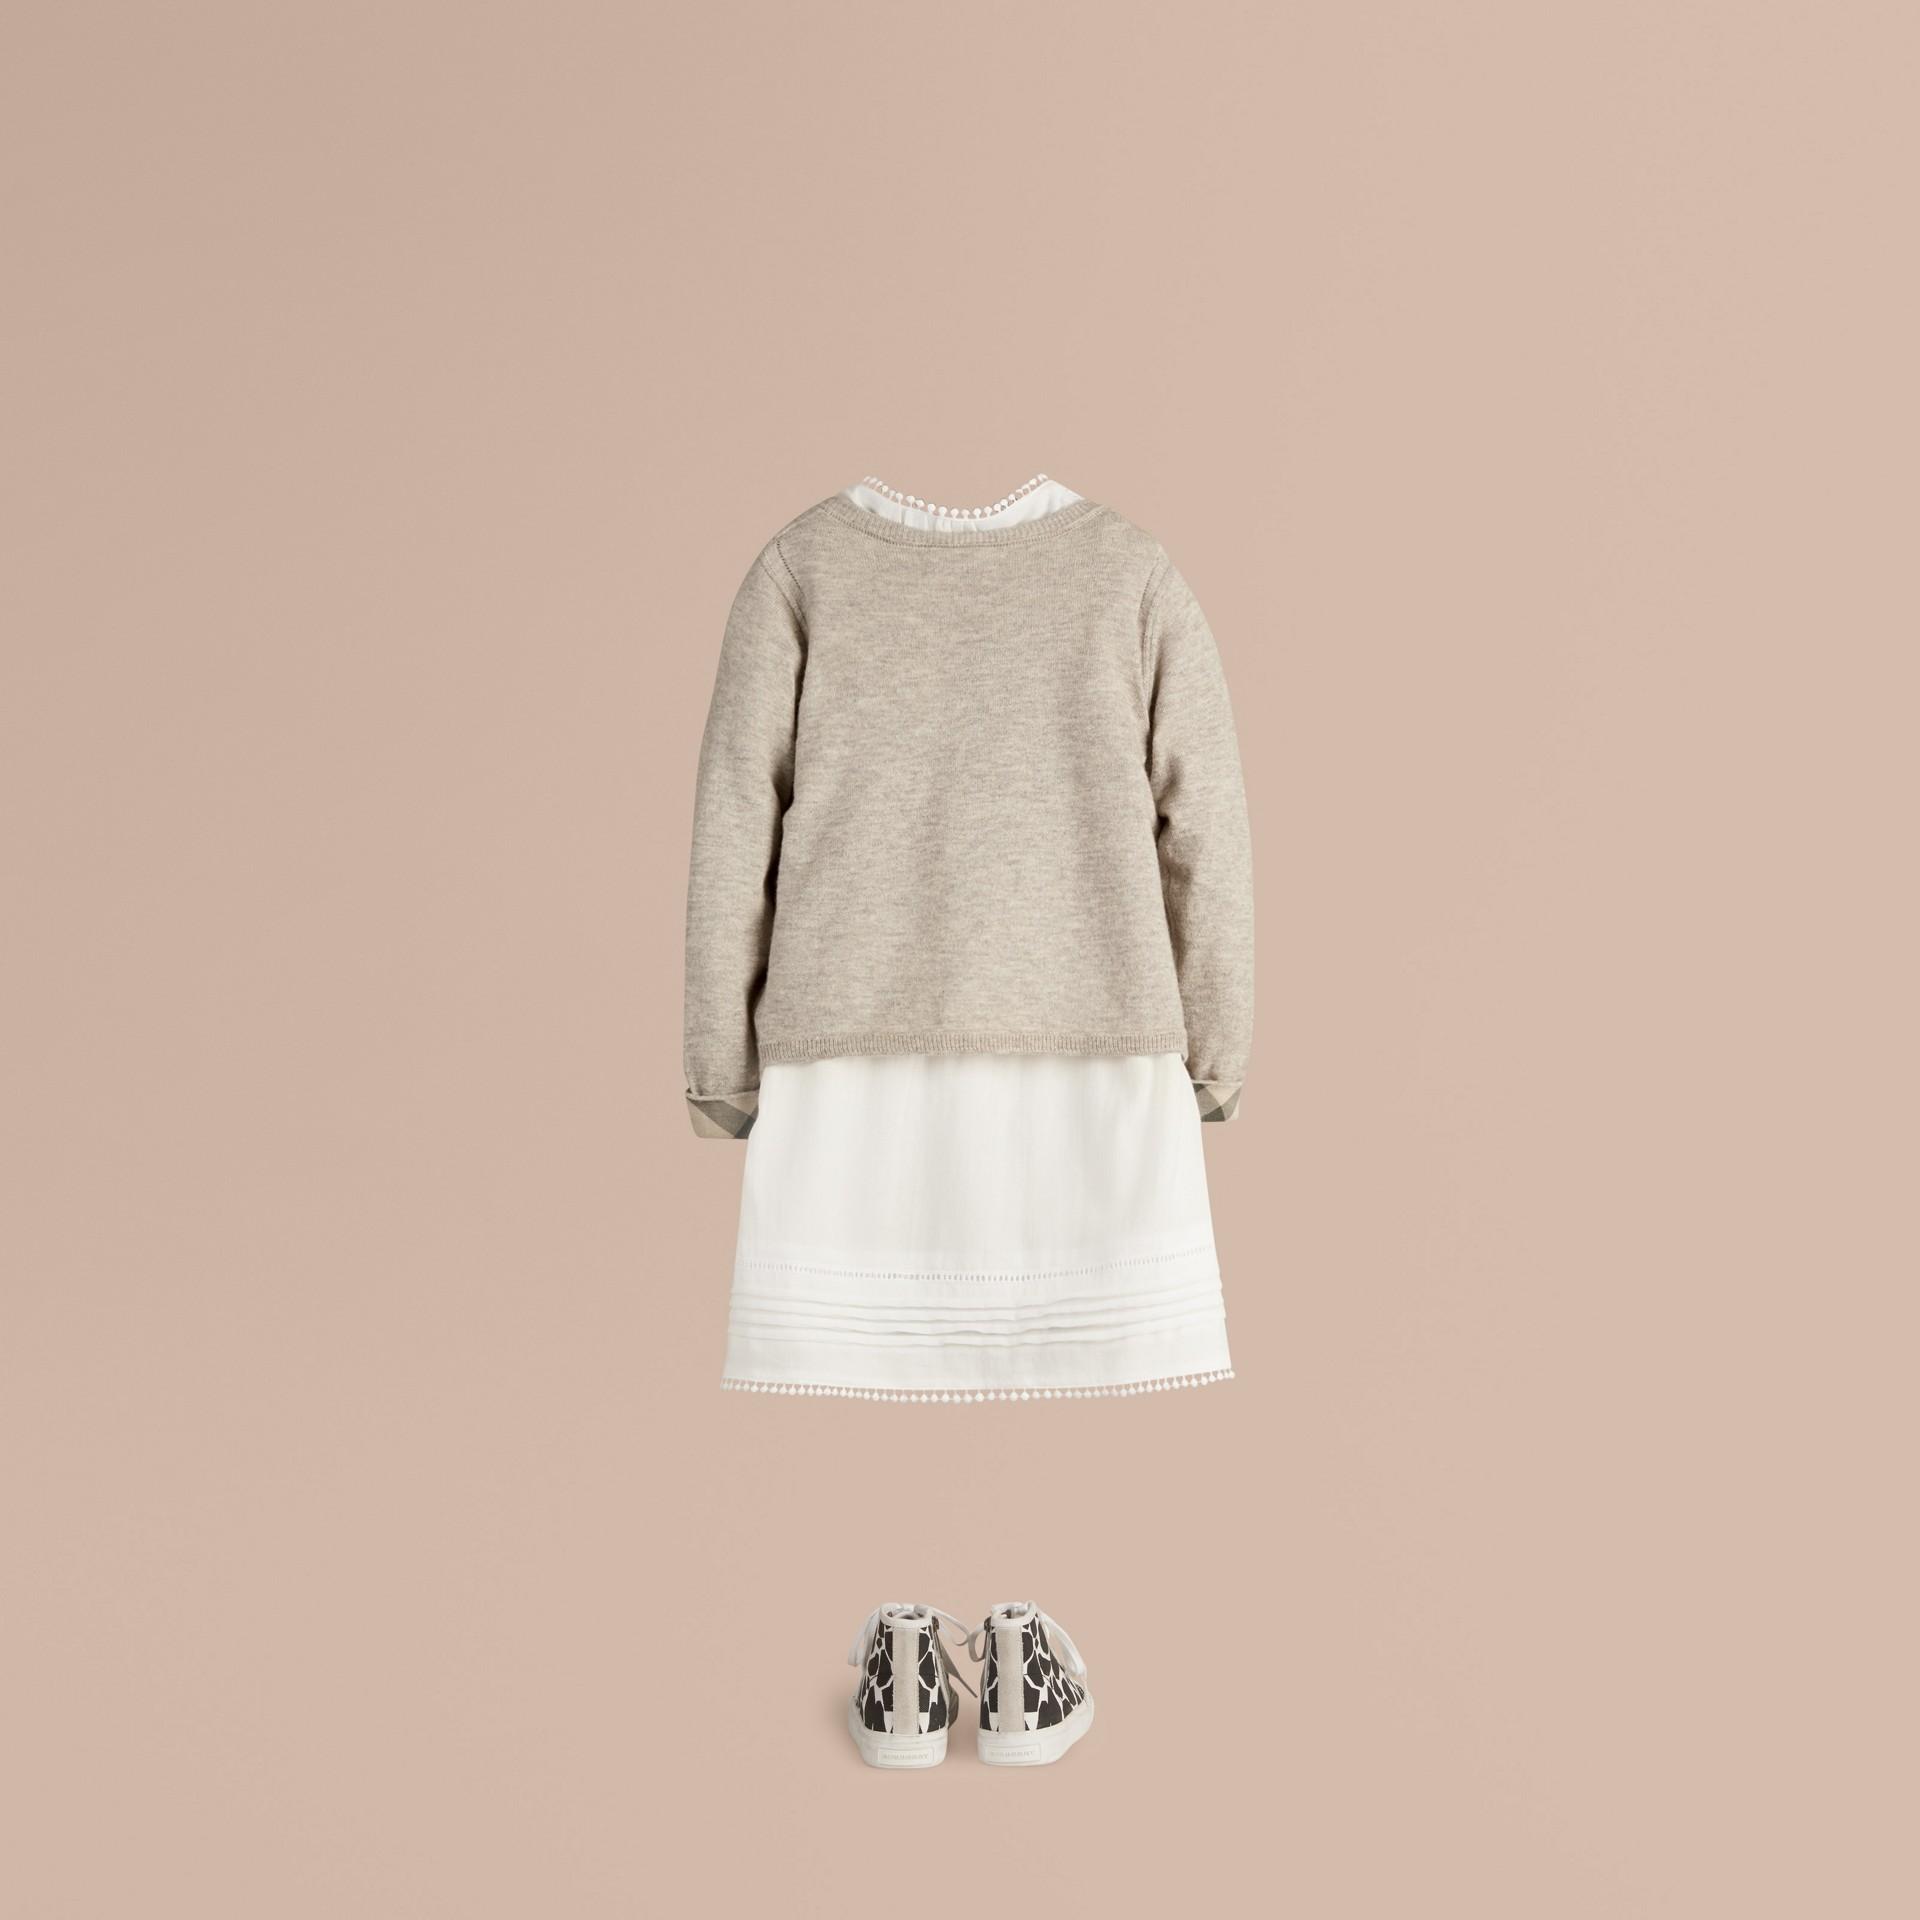 Camaïeu de gris pâles Cardigan en maille de coton avec poignets à motif check Camaïeu  Gris Pâles - photo de la galerie 3